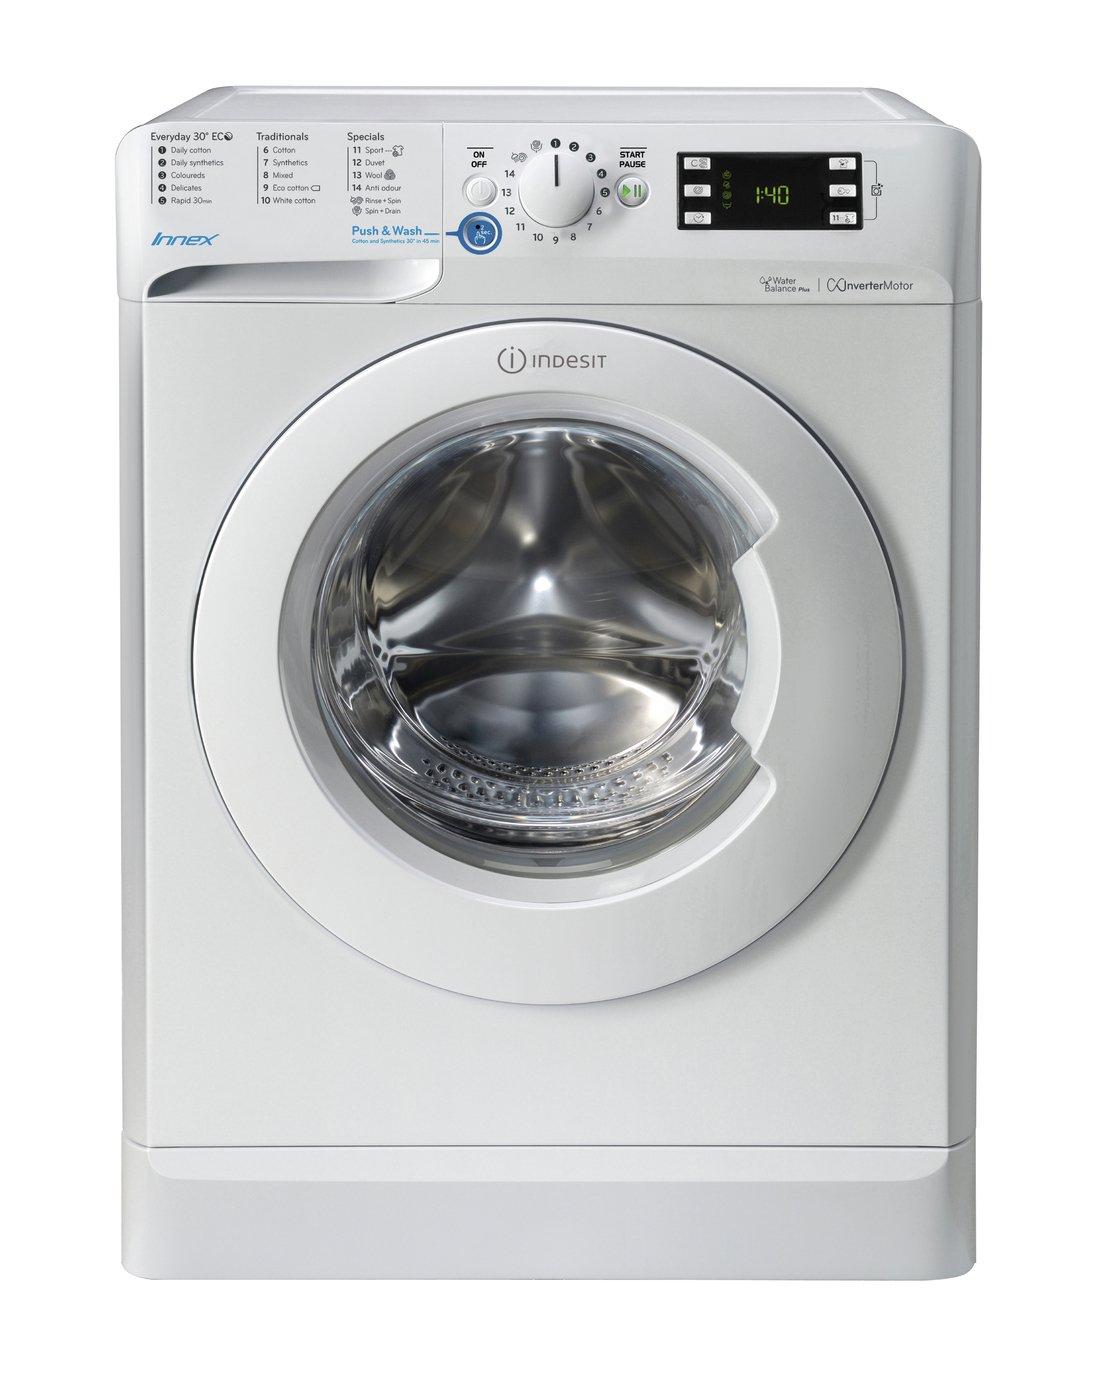 Image of Indesit BWE91484X 9KG Washing Machine - White.